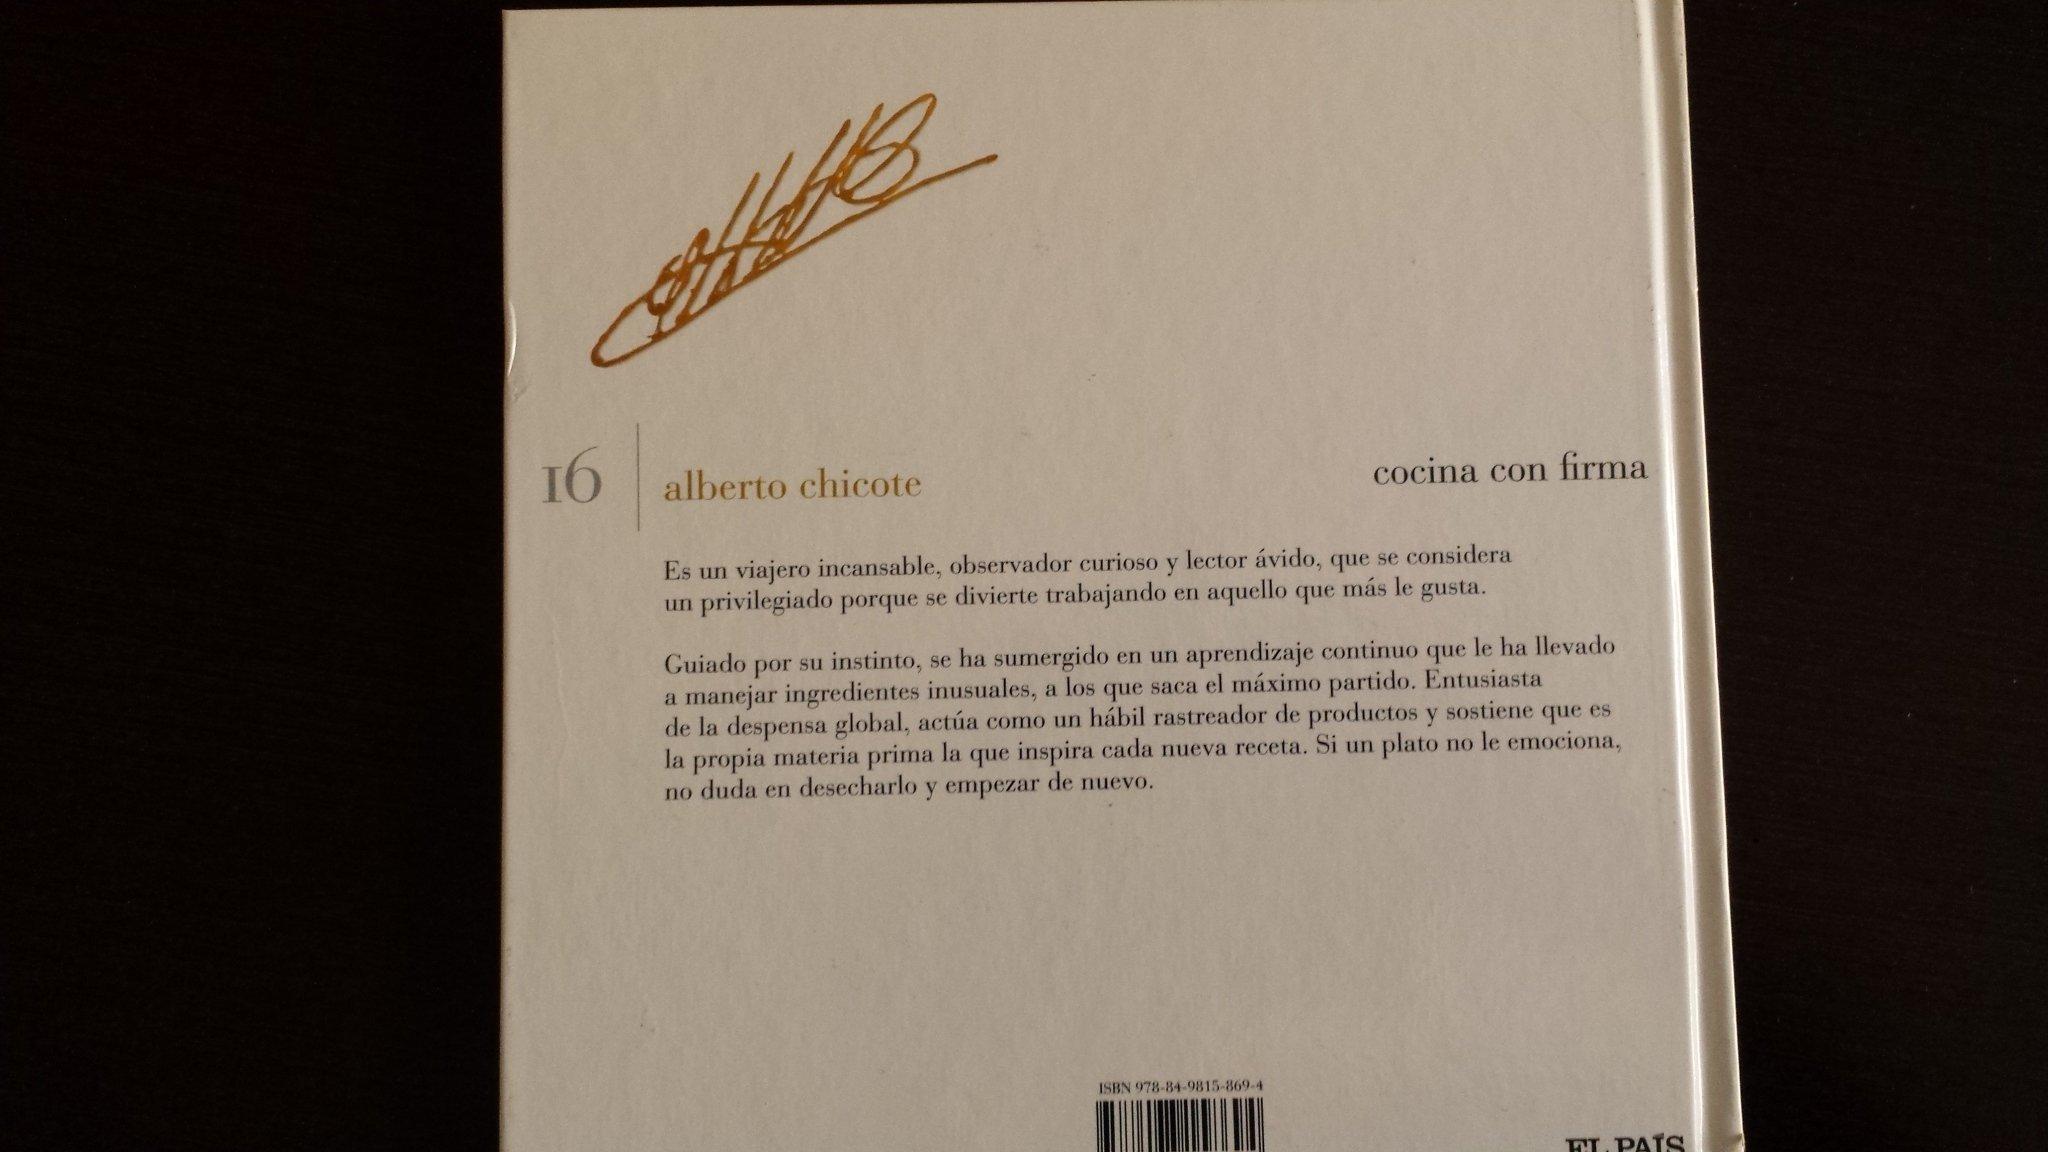 Alberto Chicote 2: Amazon.es: José Carlos Capel Rivas: Libros